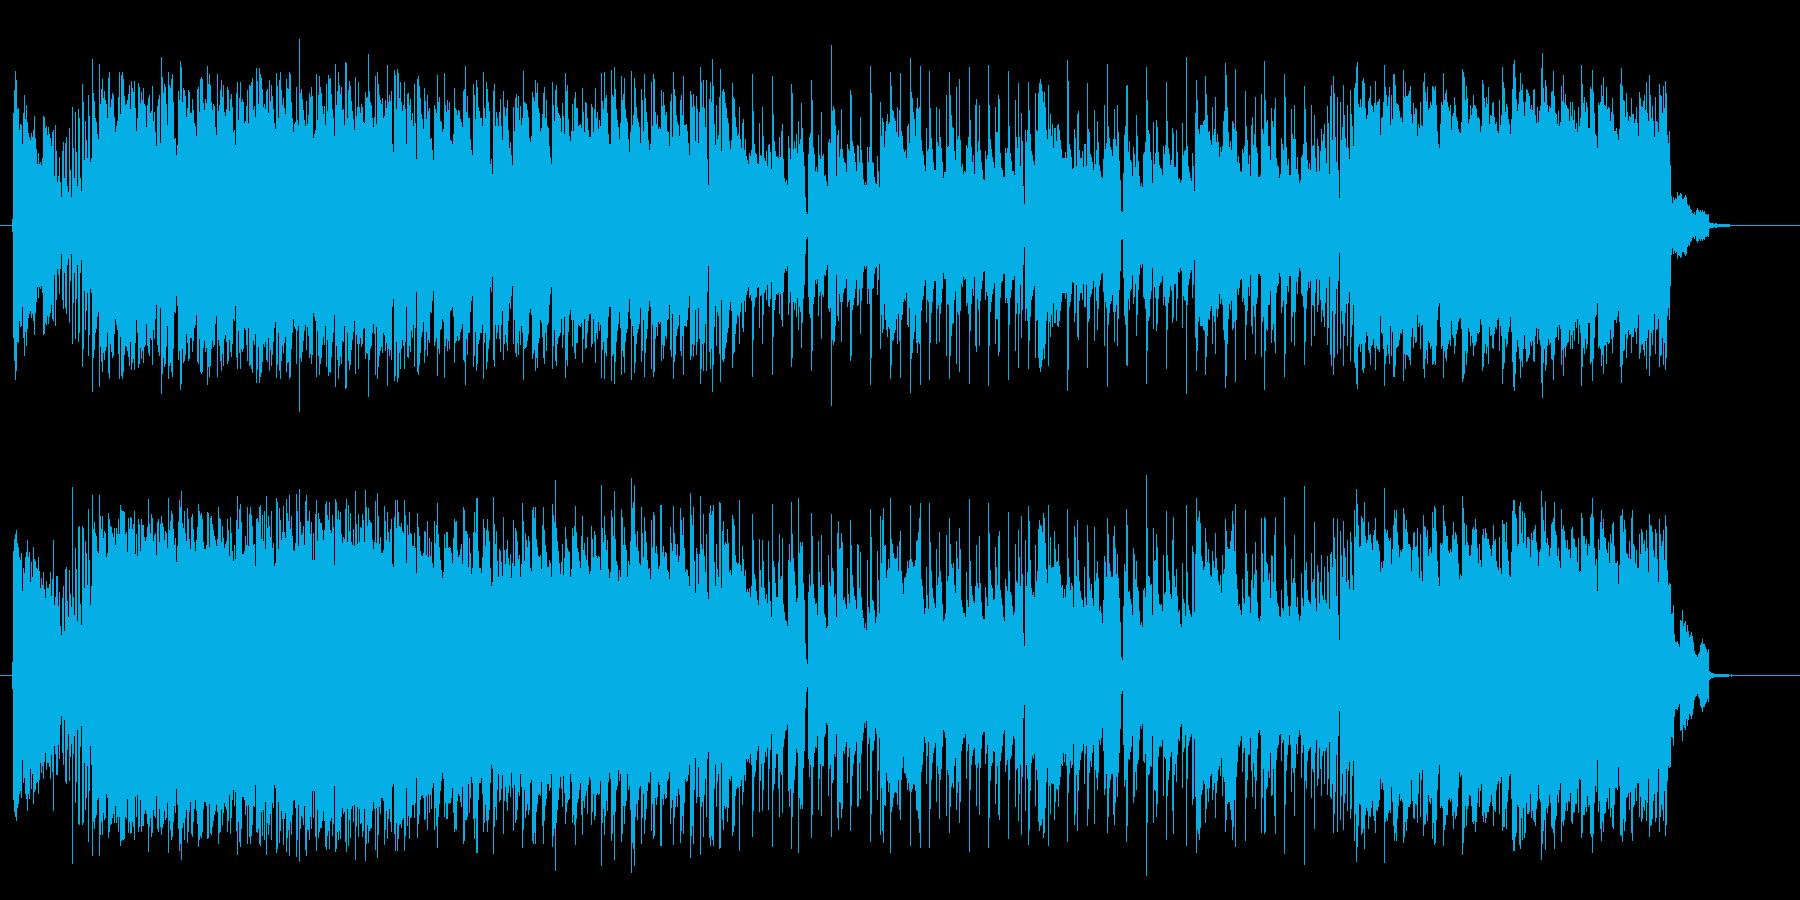 男っぽい季節感のあるロックの曲の再生済みの波形